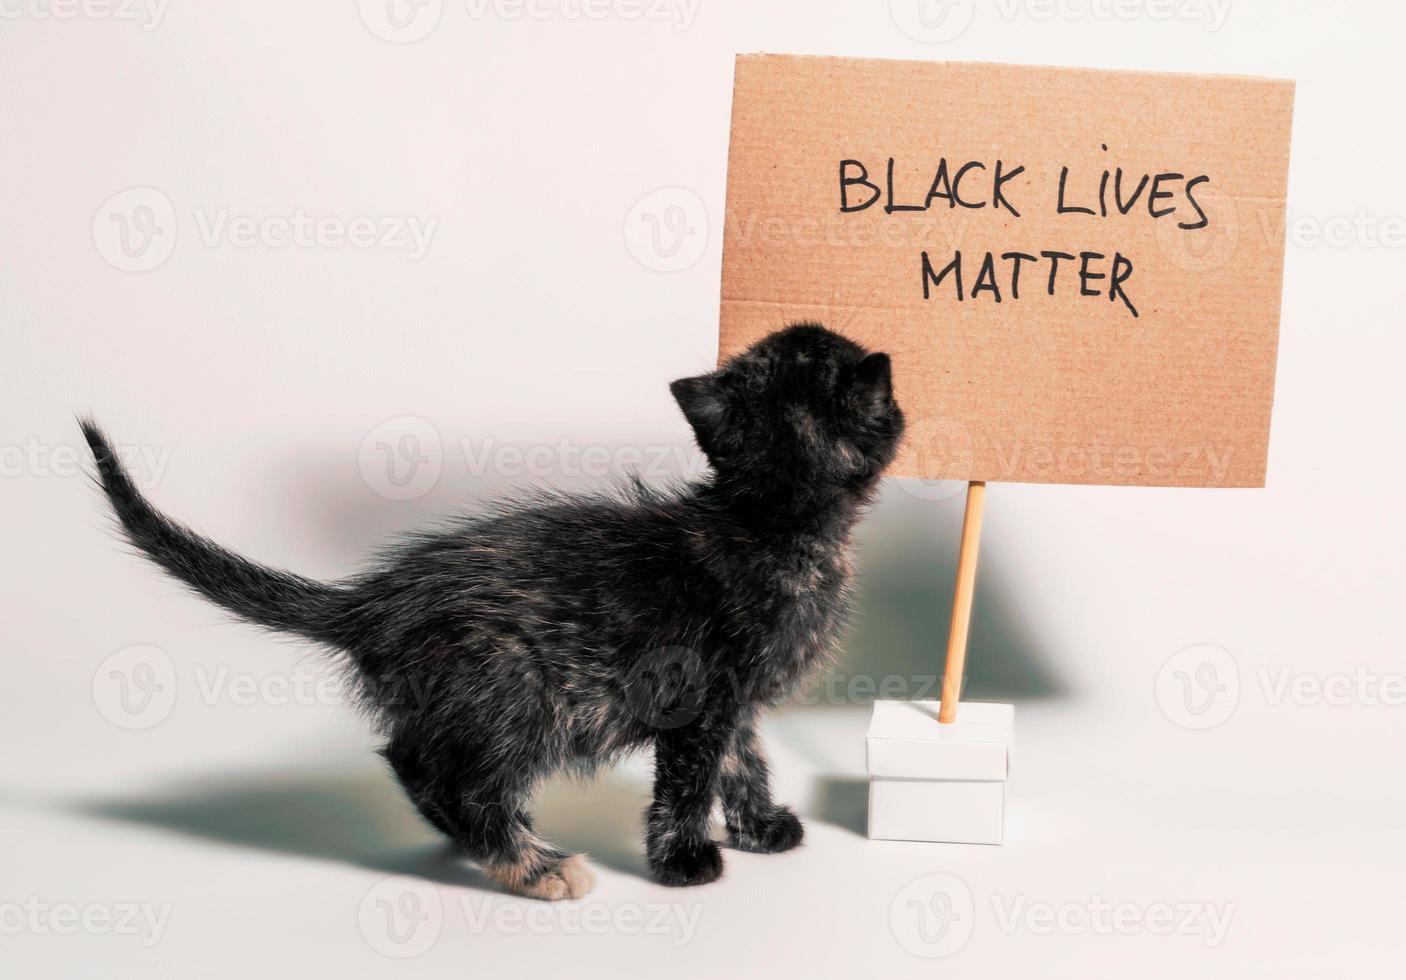 kattunge med svarta liv betyder tecken foto